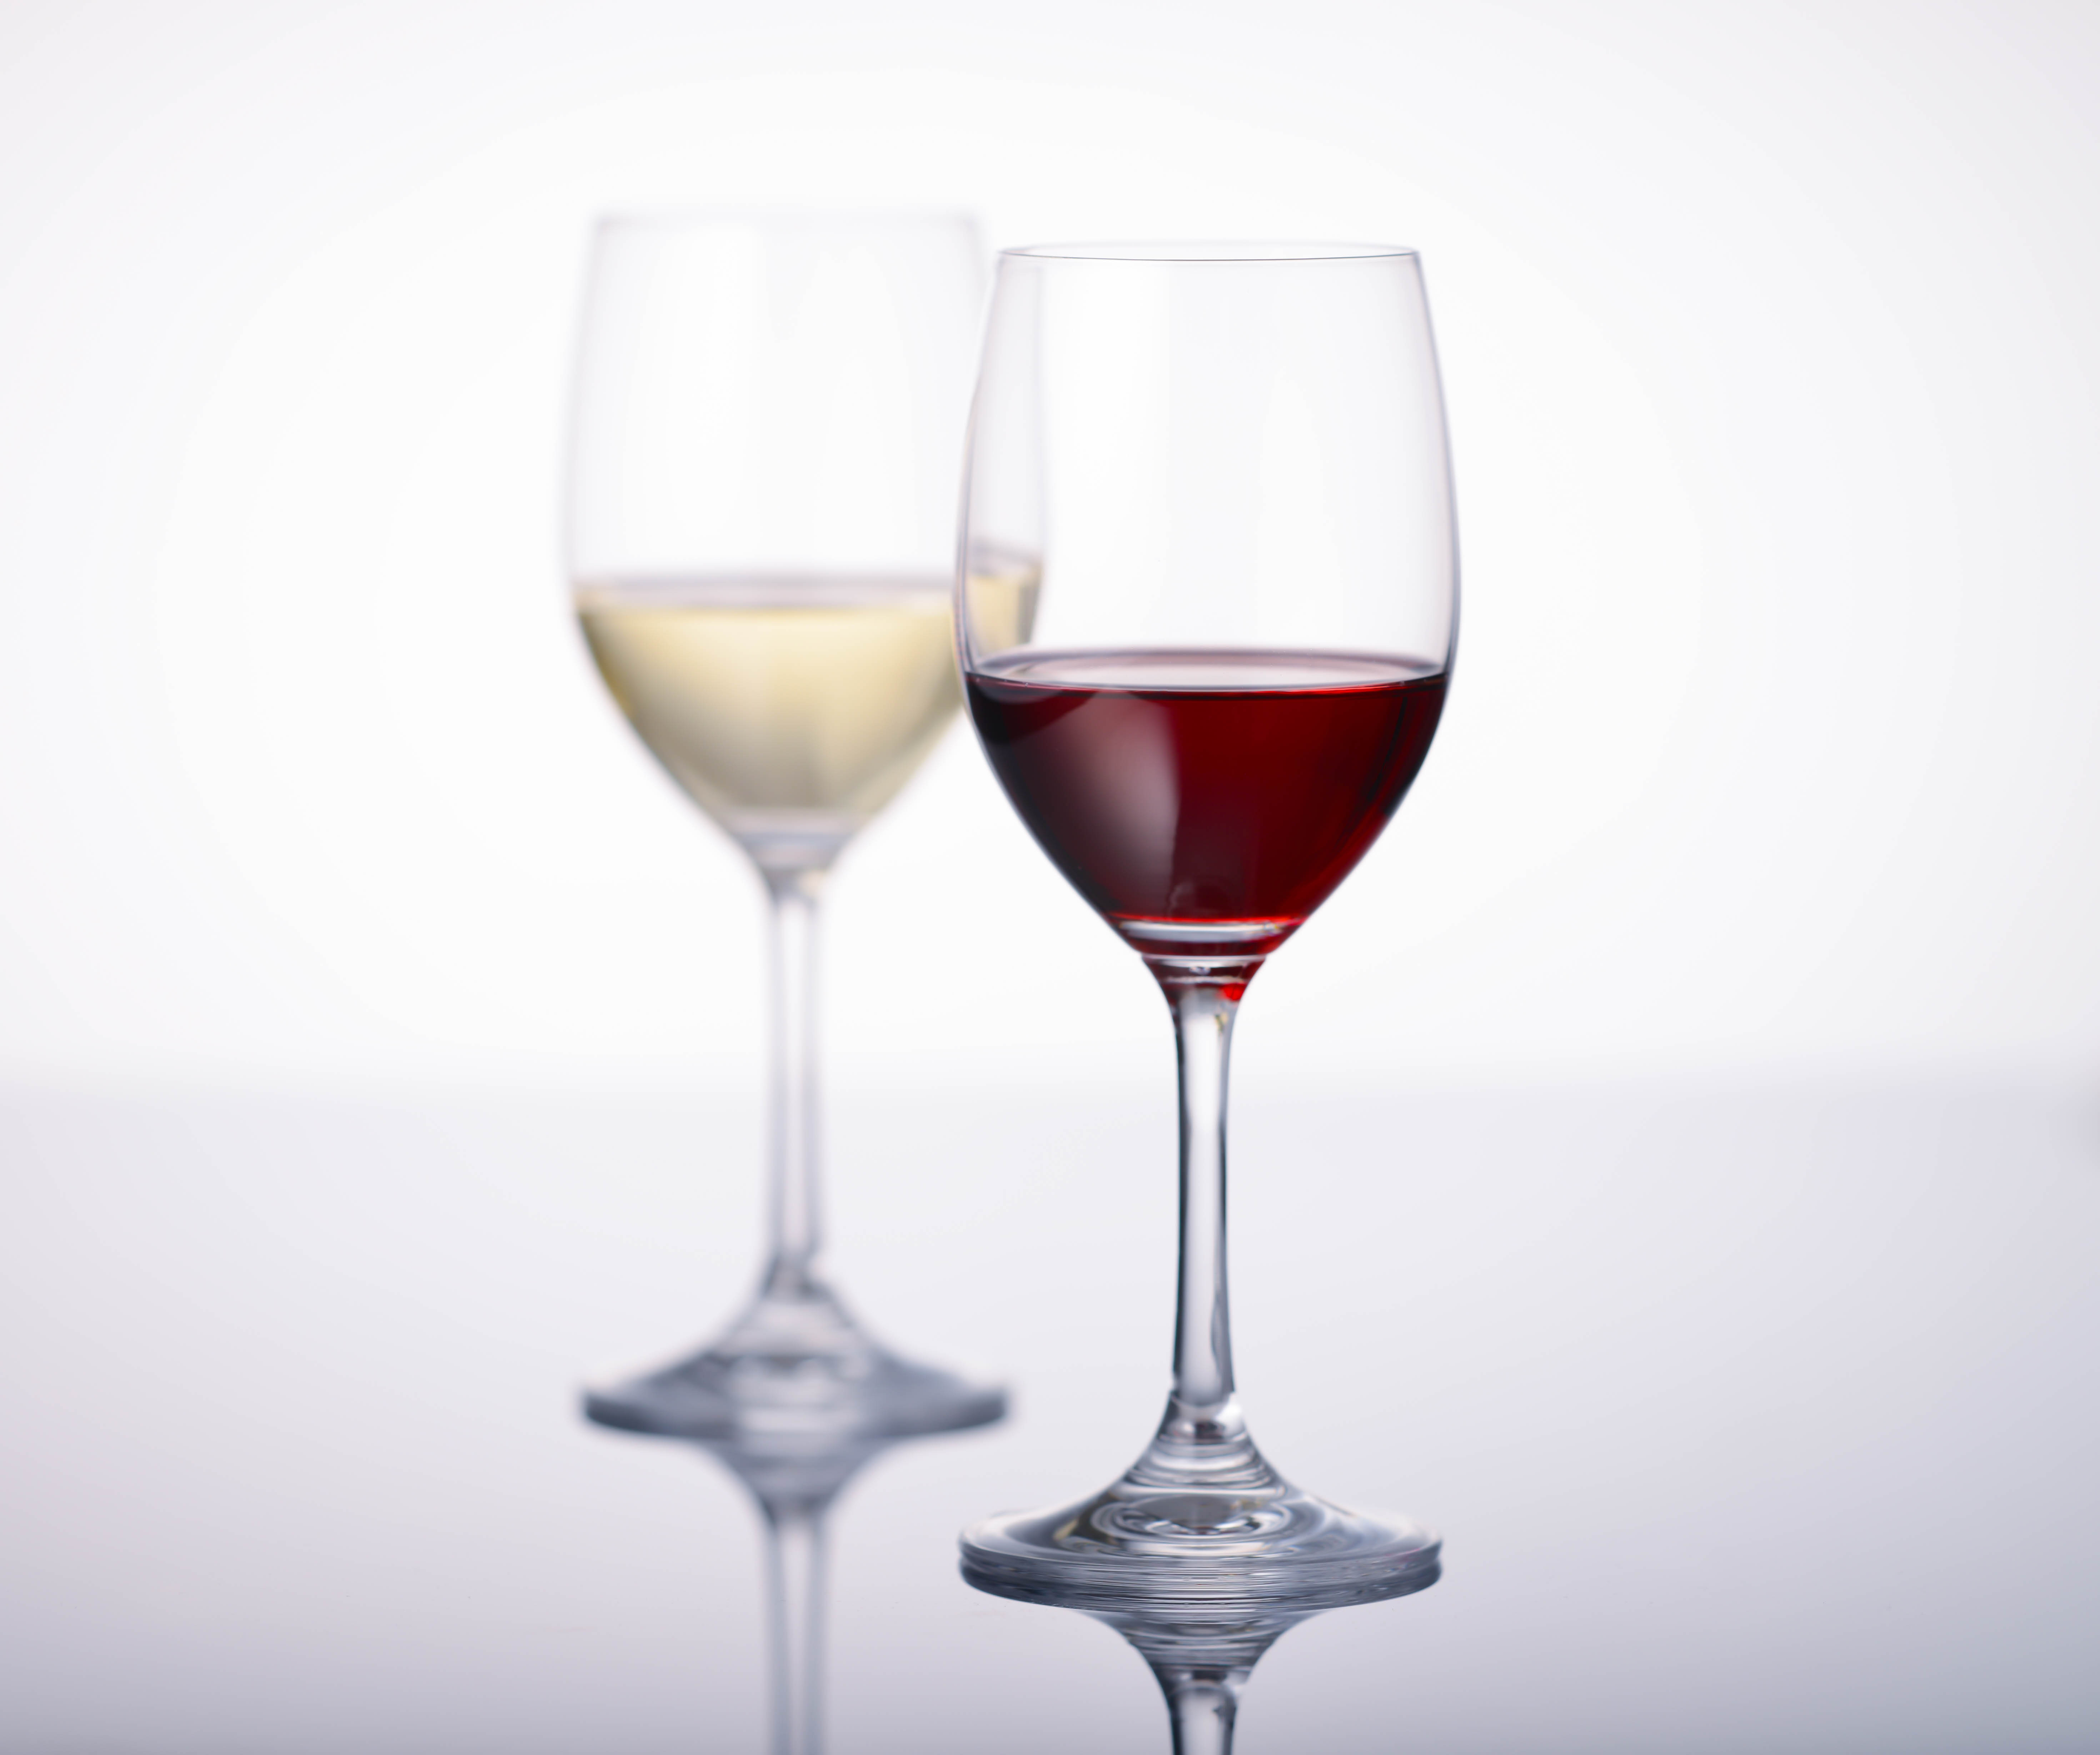 白いカットソーに赤ワインをこぼしても、ウタマロクリーナーがあるから大丈夫!